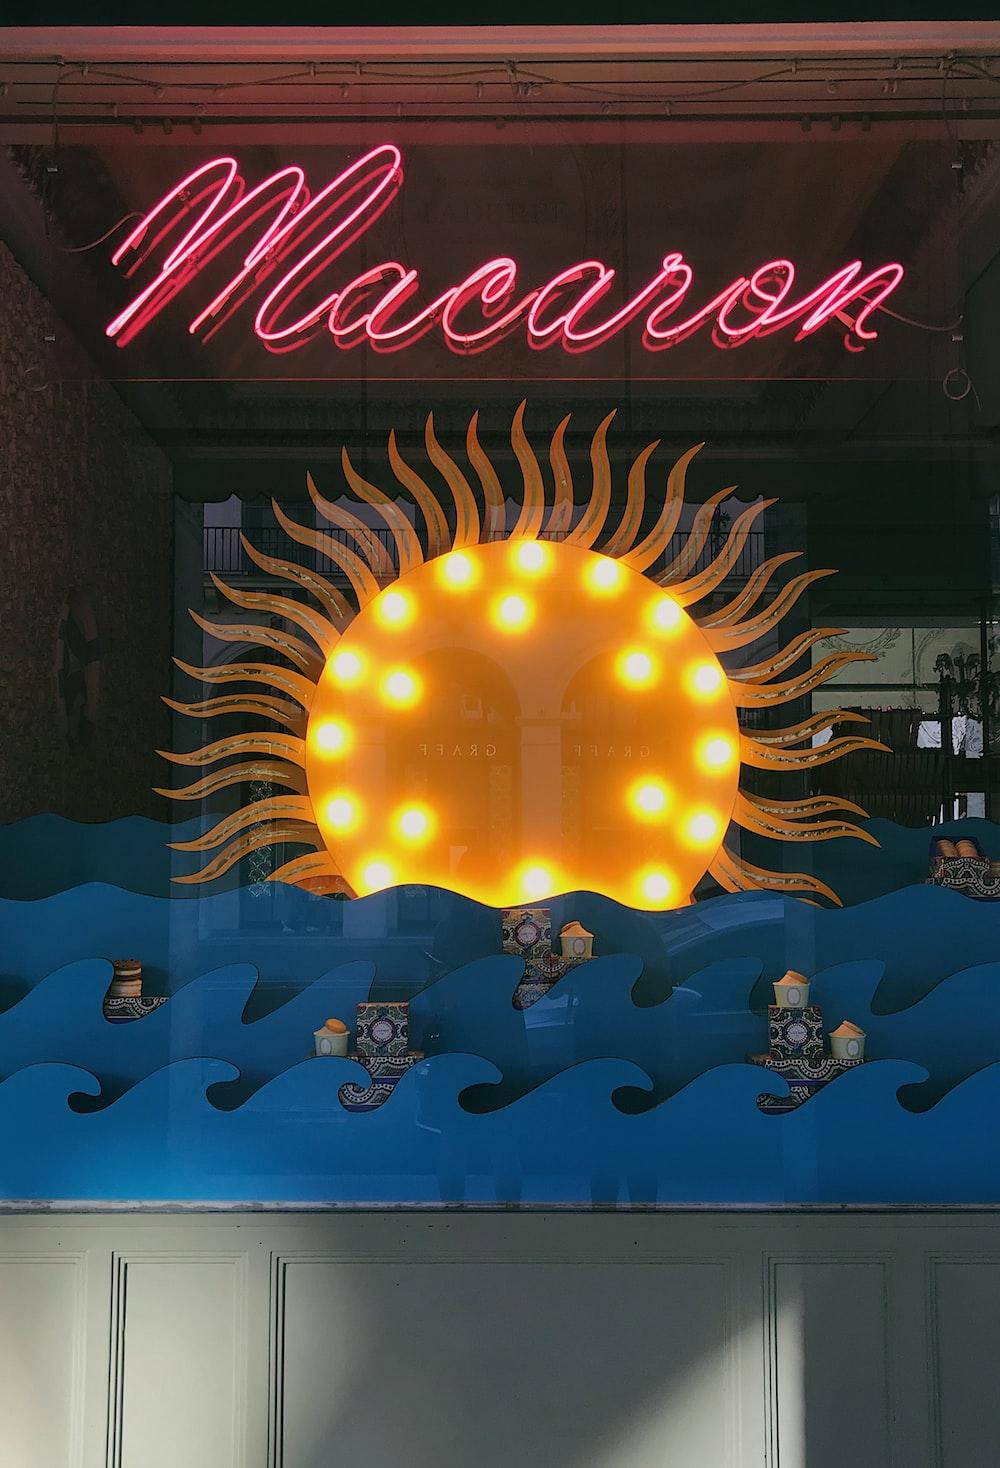 red Macaron signage